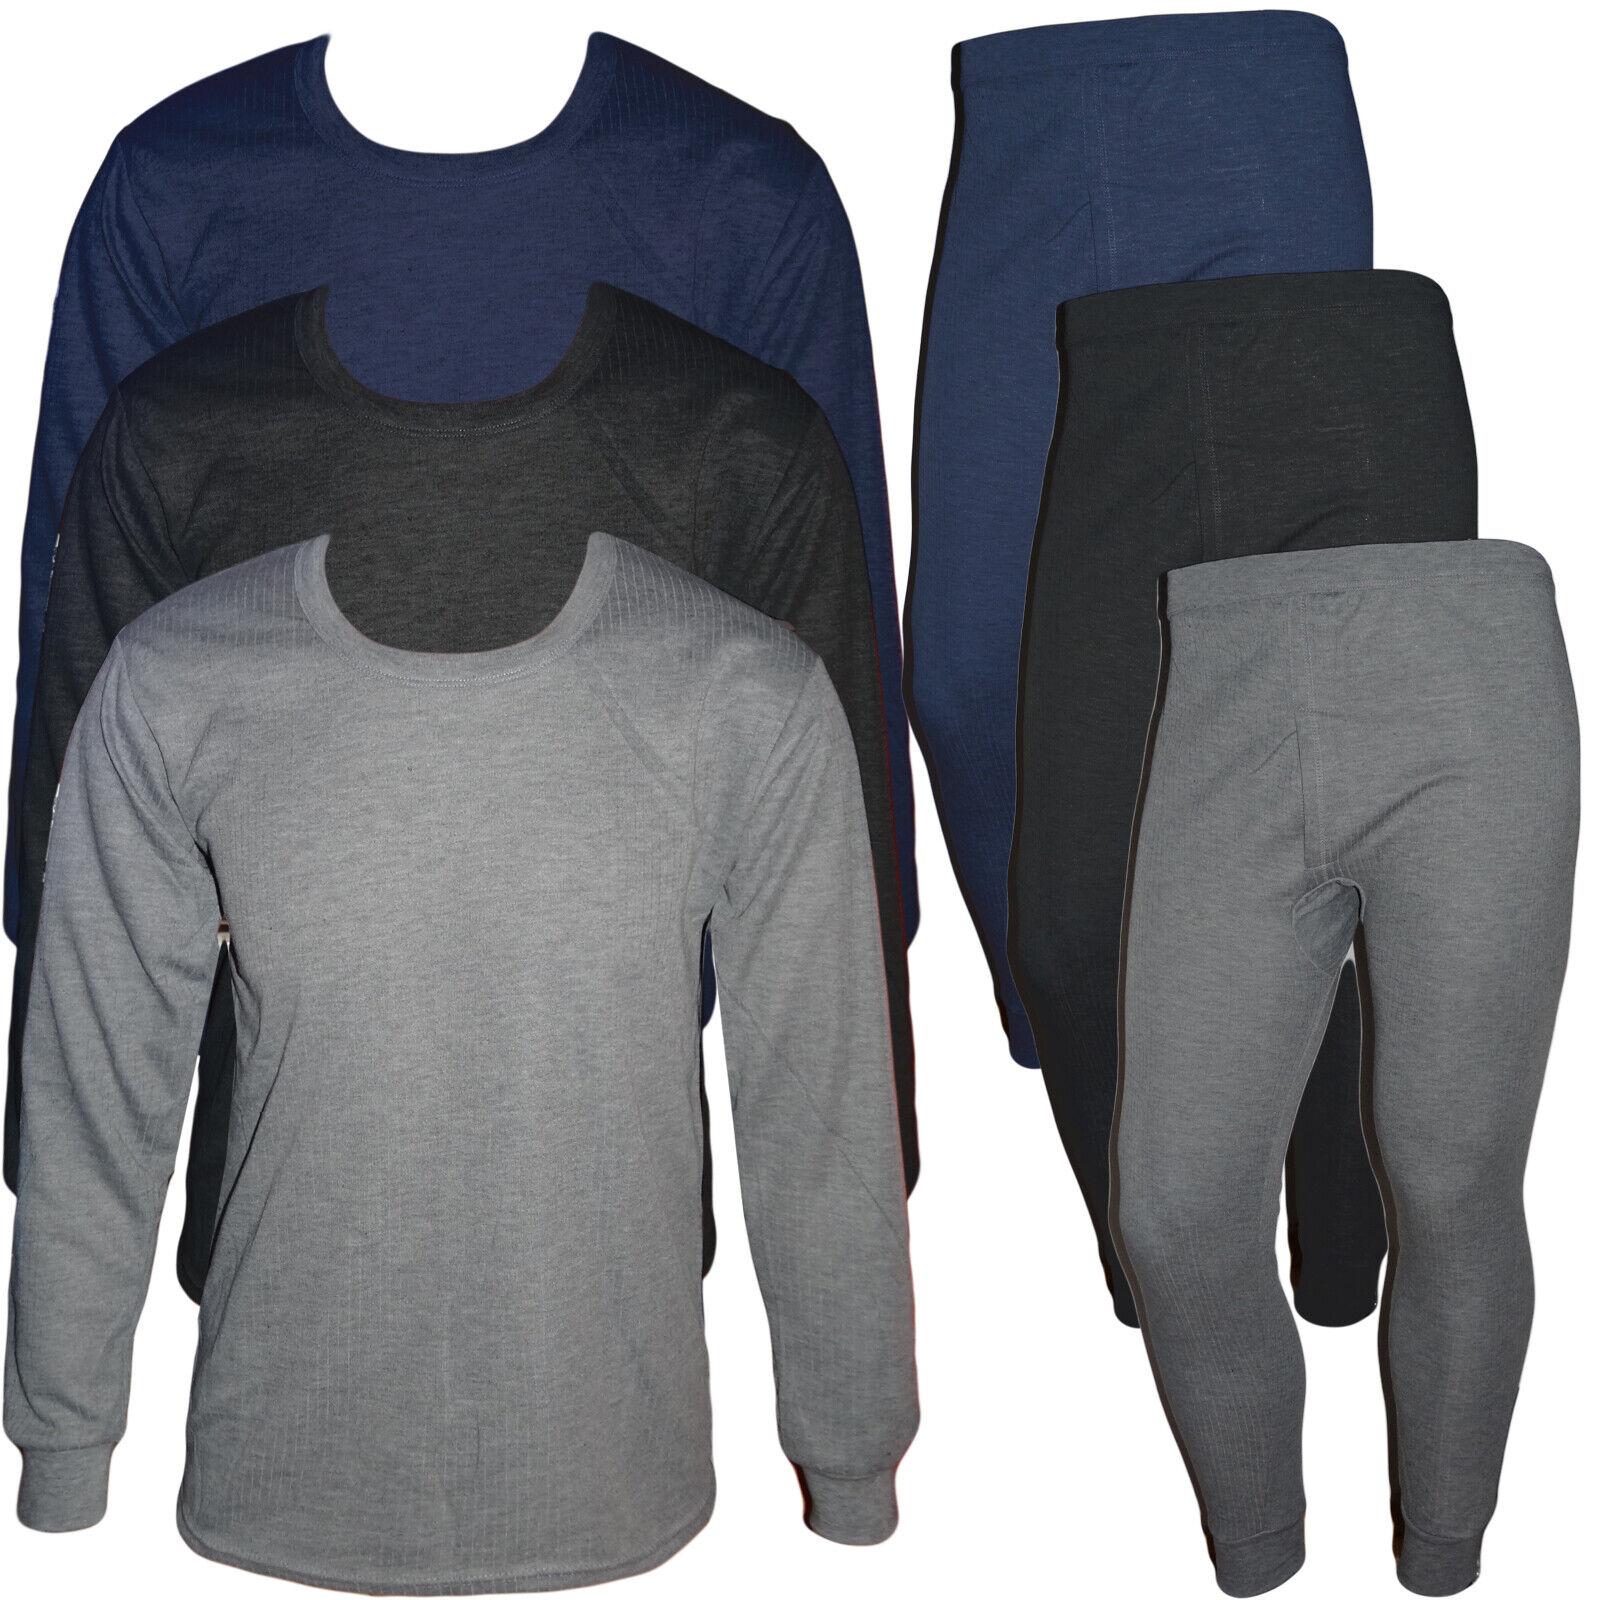 Herren Thermounterhose angeraute lange Unterhose Unterhemd Unterwäsche M-XXL